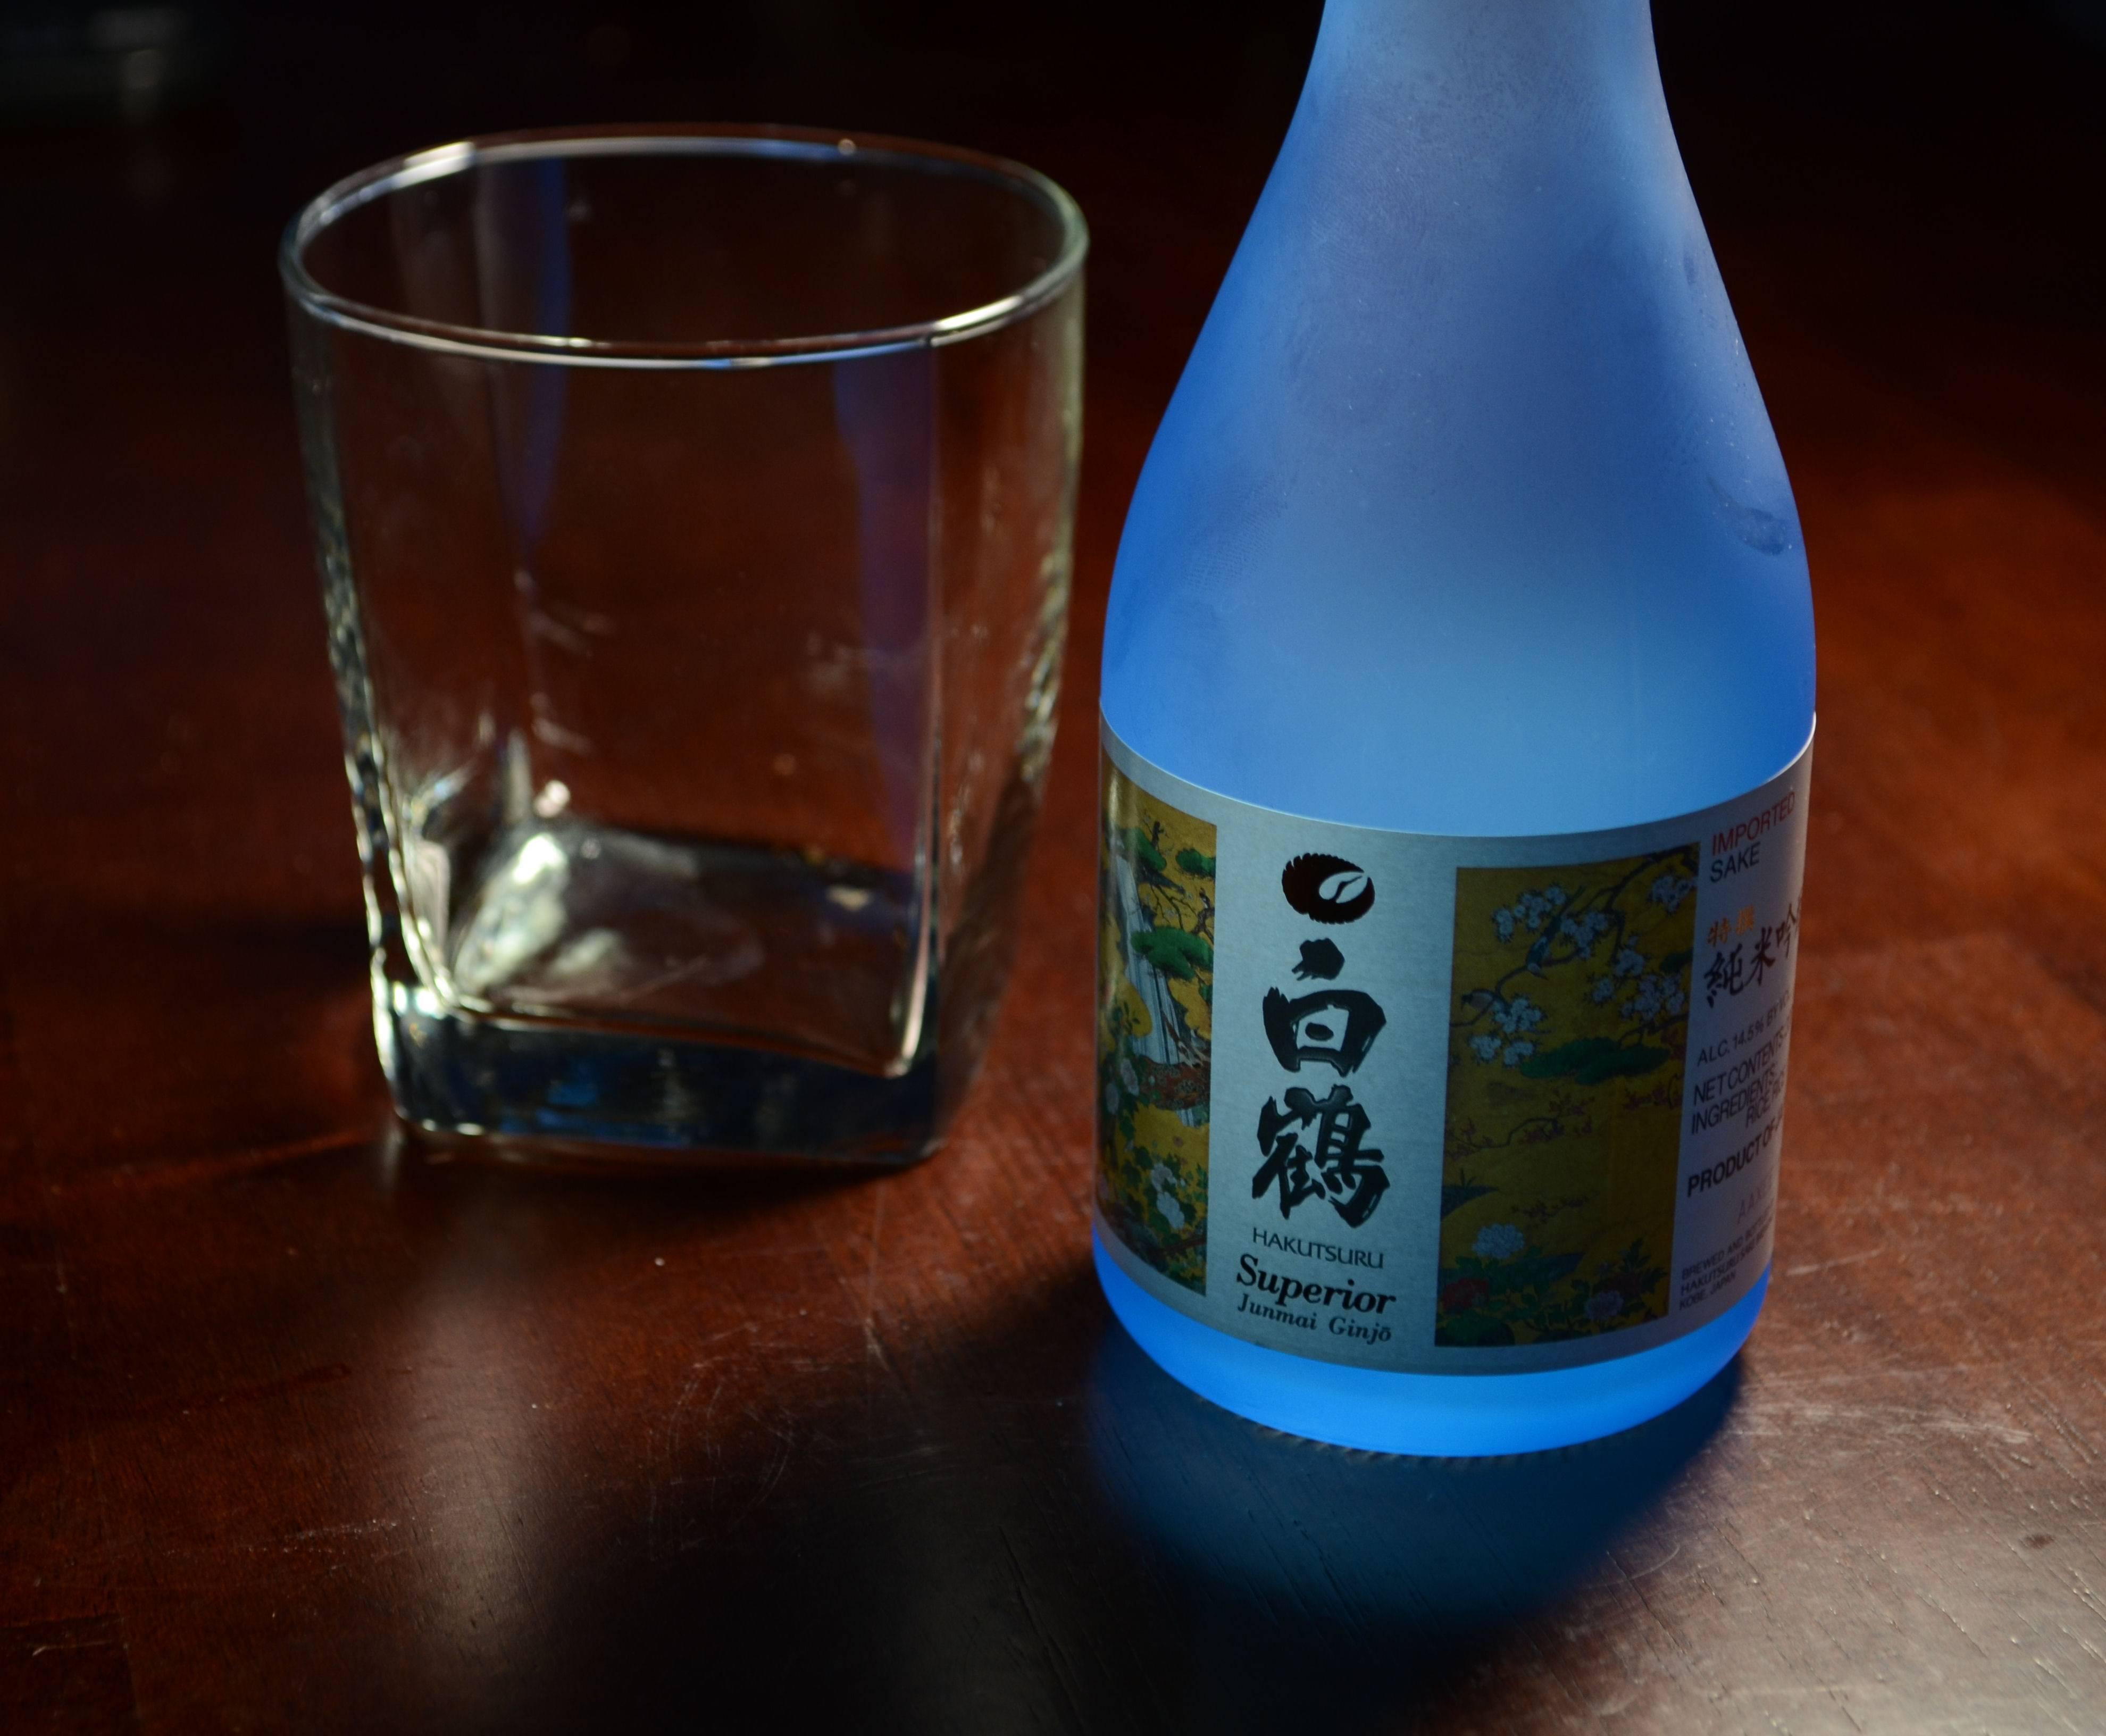 Саке – состав и полезные свойства японского напитка; производство рисовой водки; как правильно пить; рецепт, как сделать саке в домашних условиях